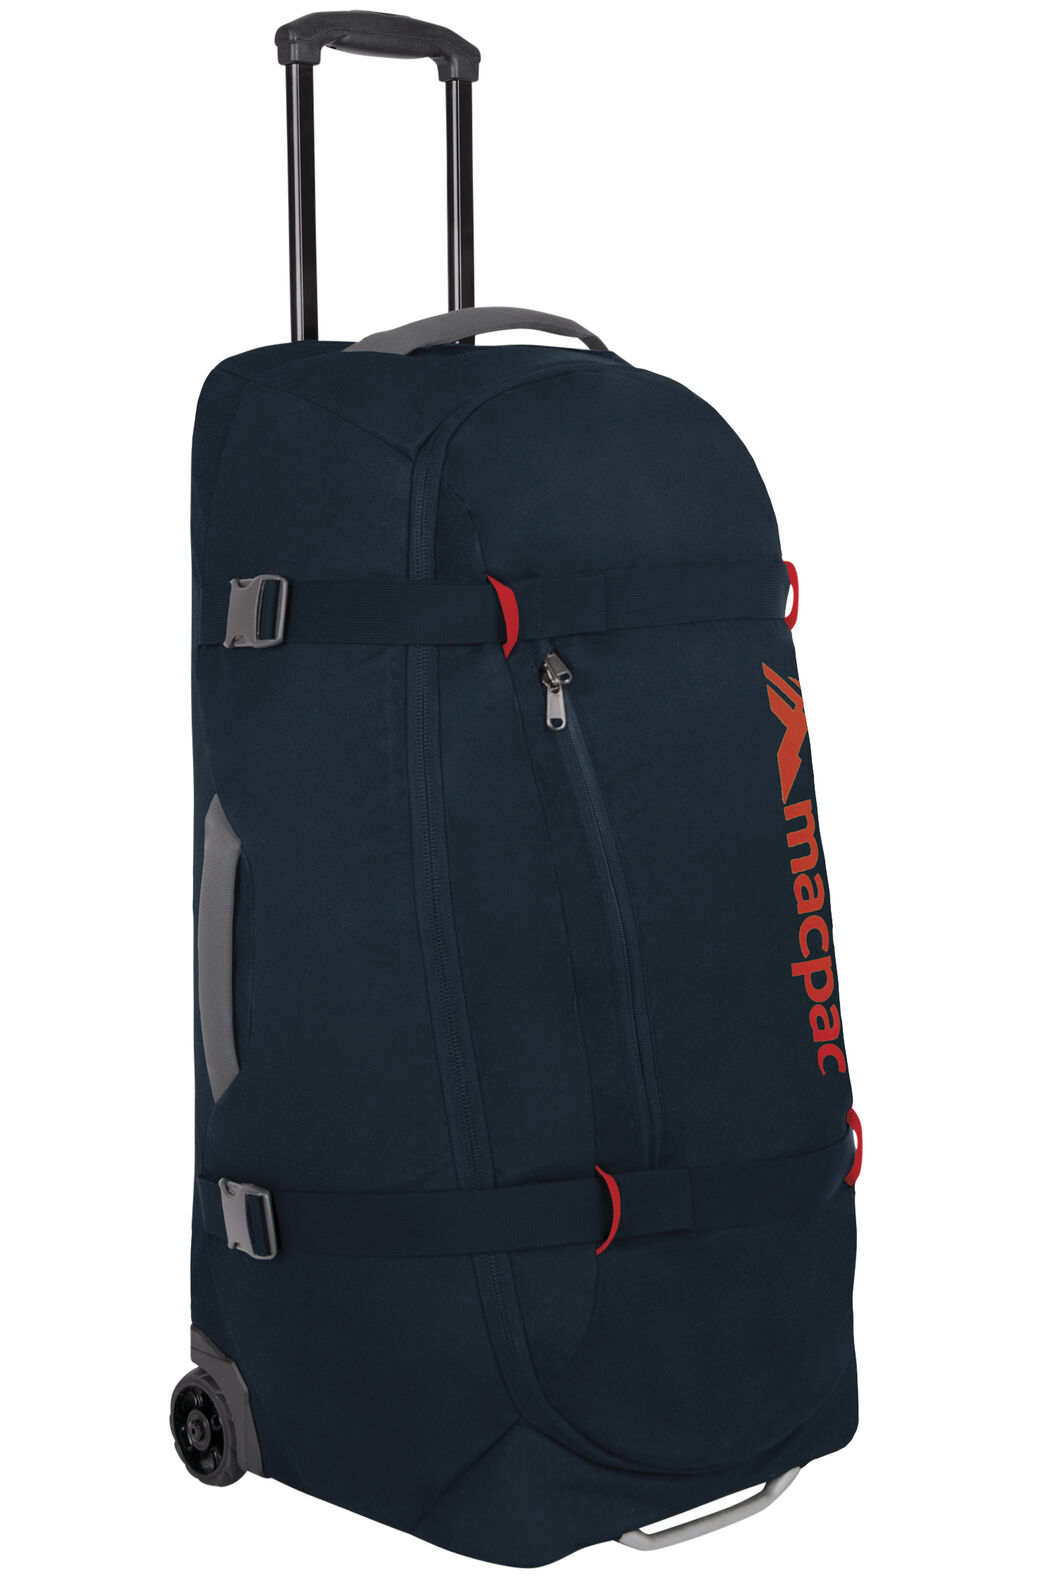 Macpac Global 55L Travel Bag, Carbon, hi-res